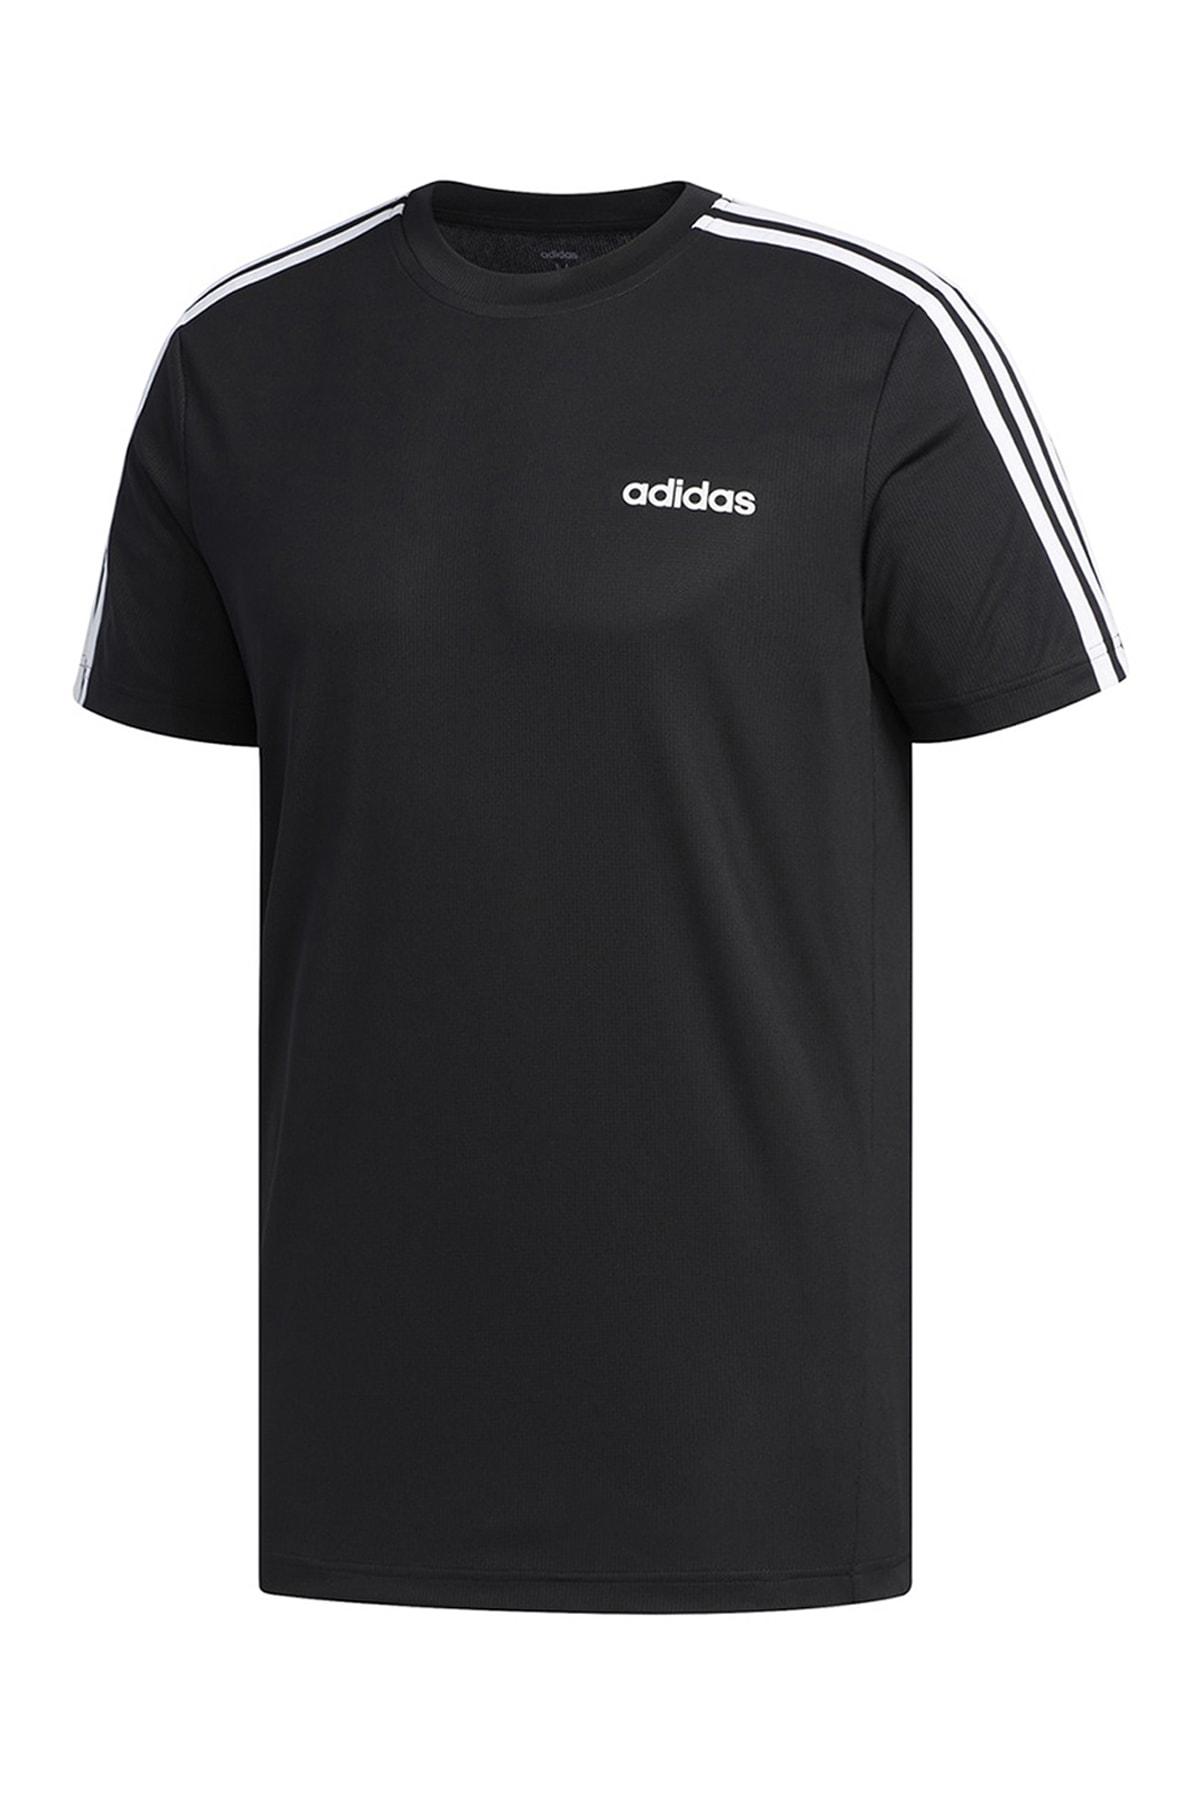 adidas Erkek T-Shirt -  M D2M 3S Tee  - FL0349